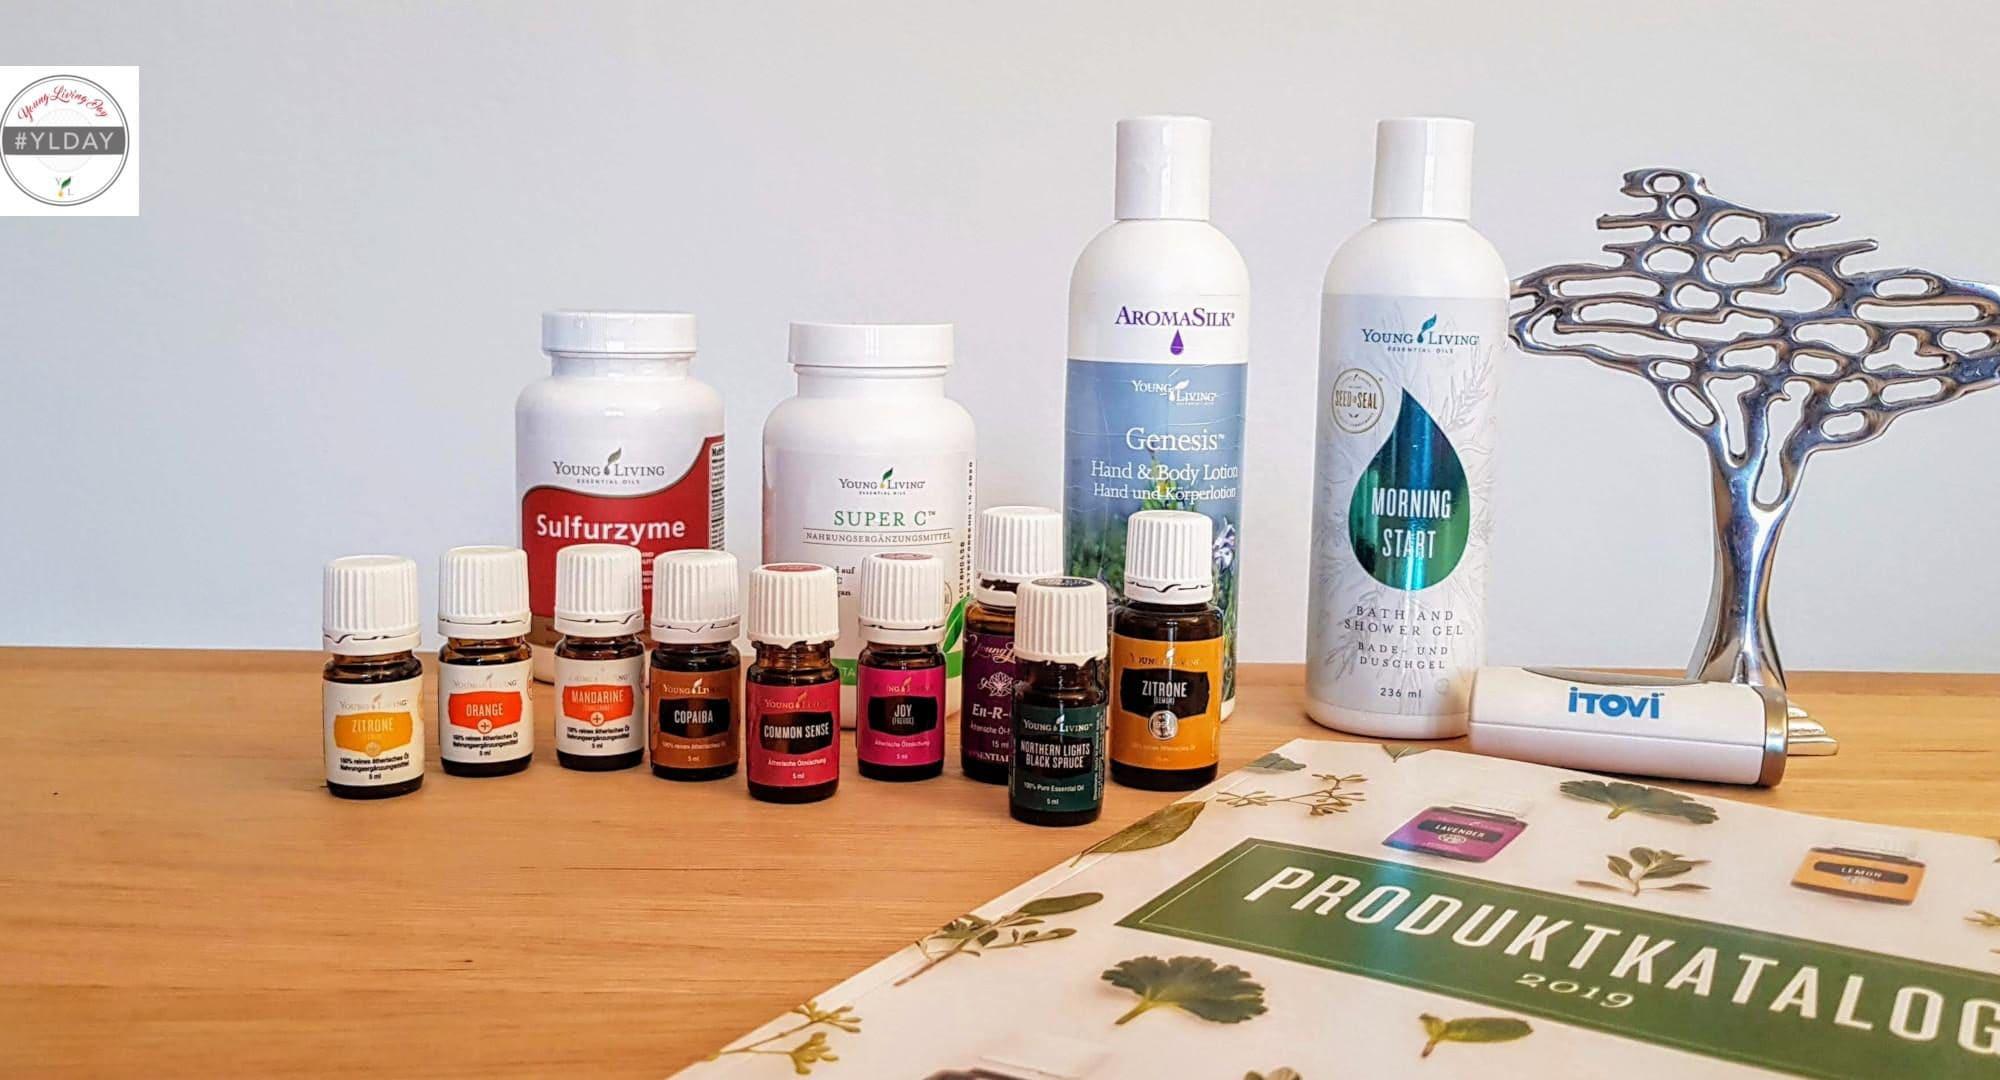 Ätherische Öle und Produkte, die perfekt für den Frühling sind.